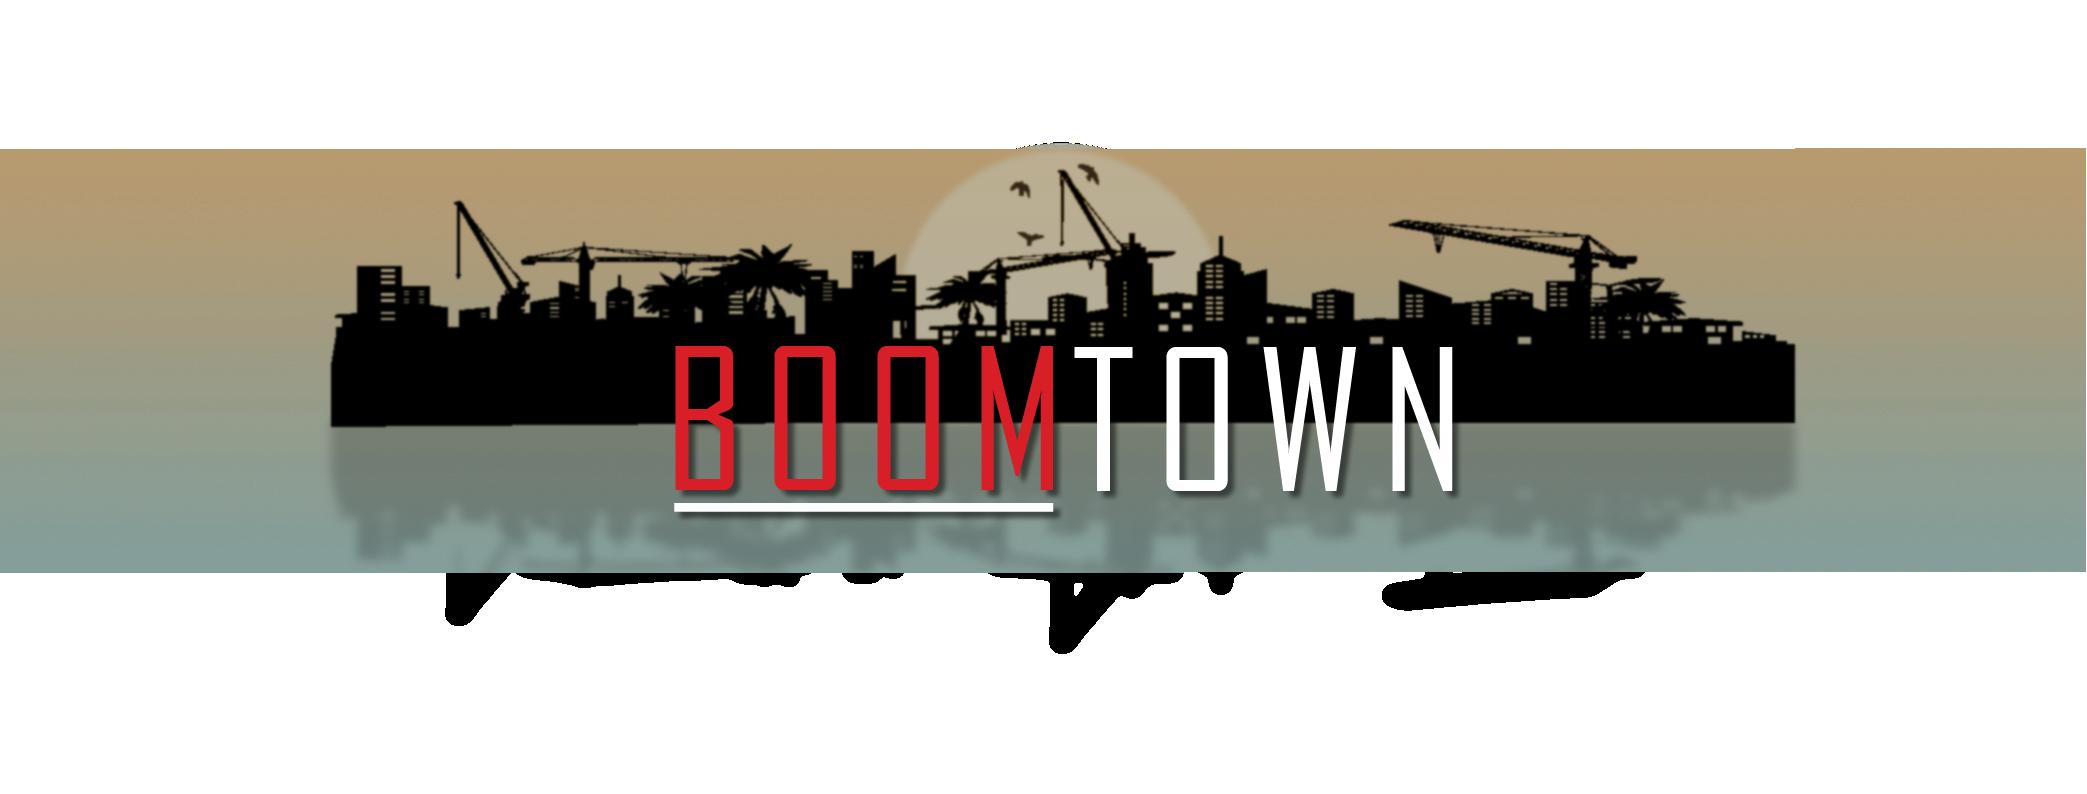 Boomtown banner